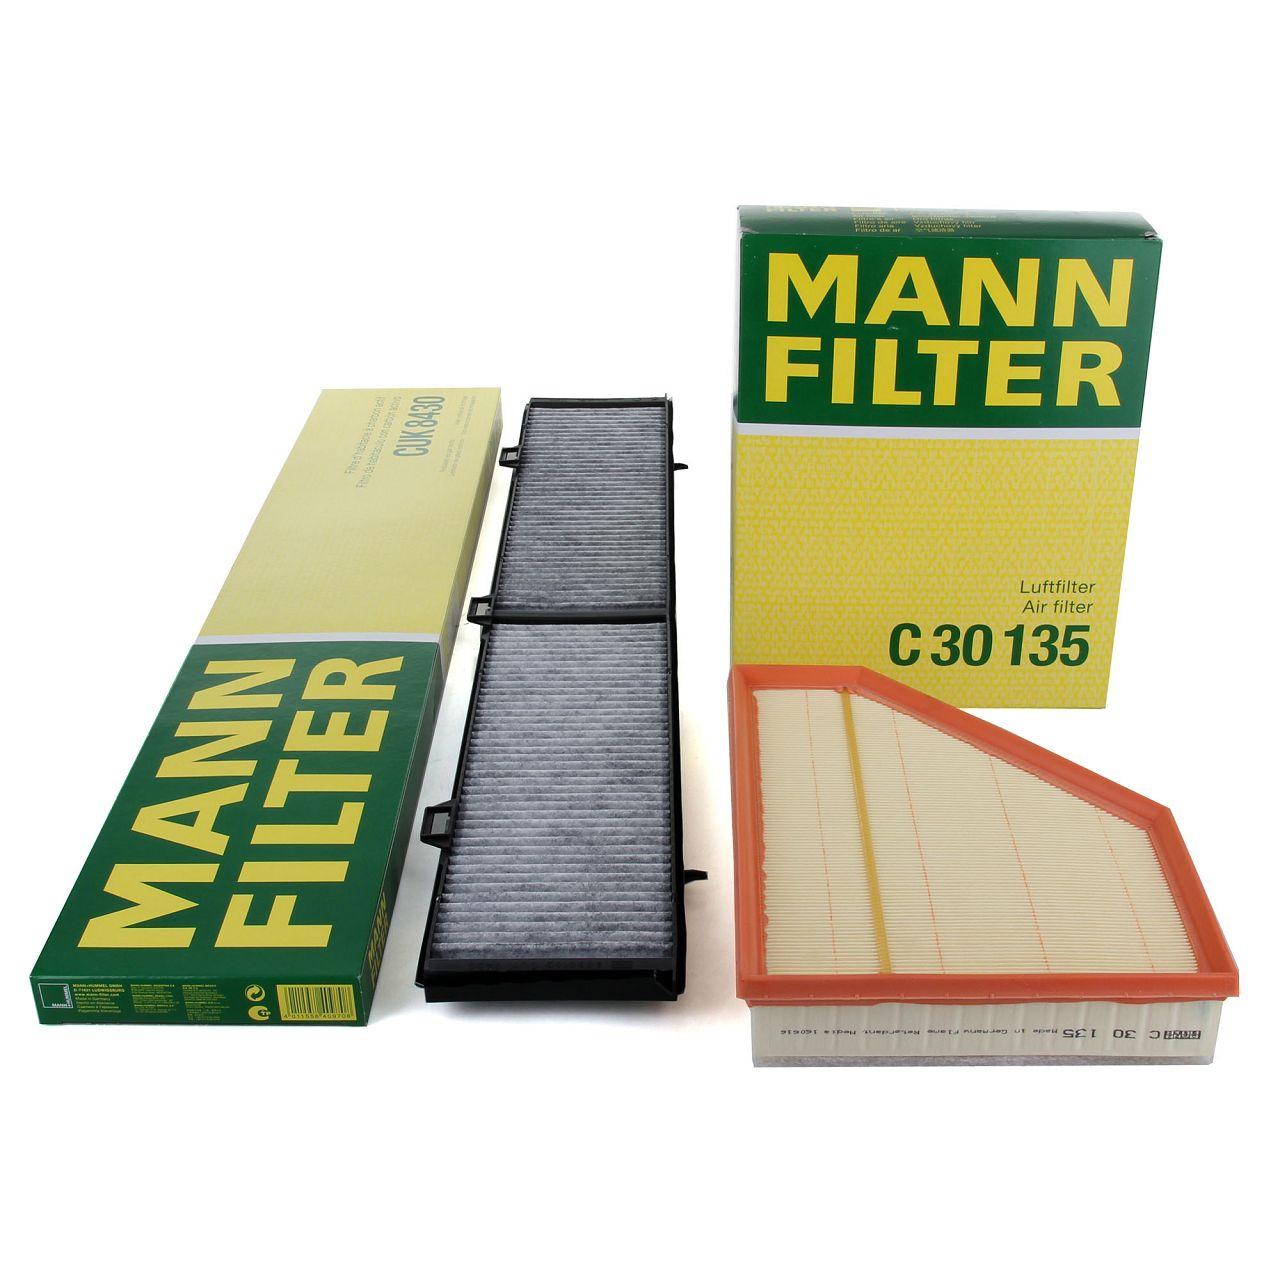 MANN Filterset für BMW 1er E81-88 116-123d 3er E90-93 316-335d X1 E84 16-23d